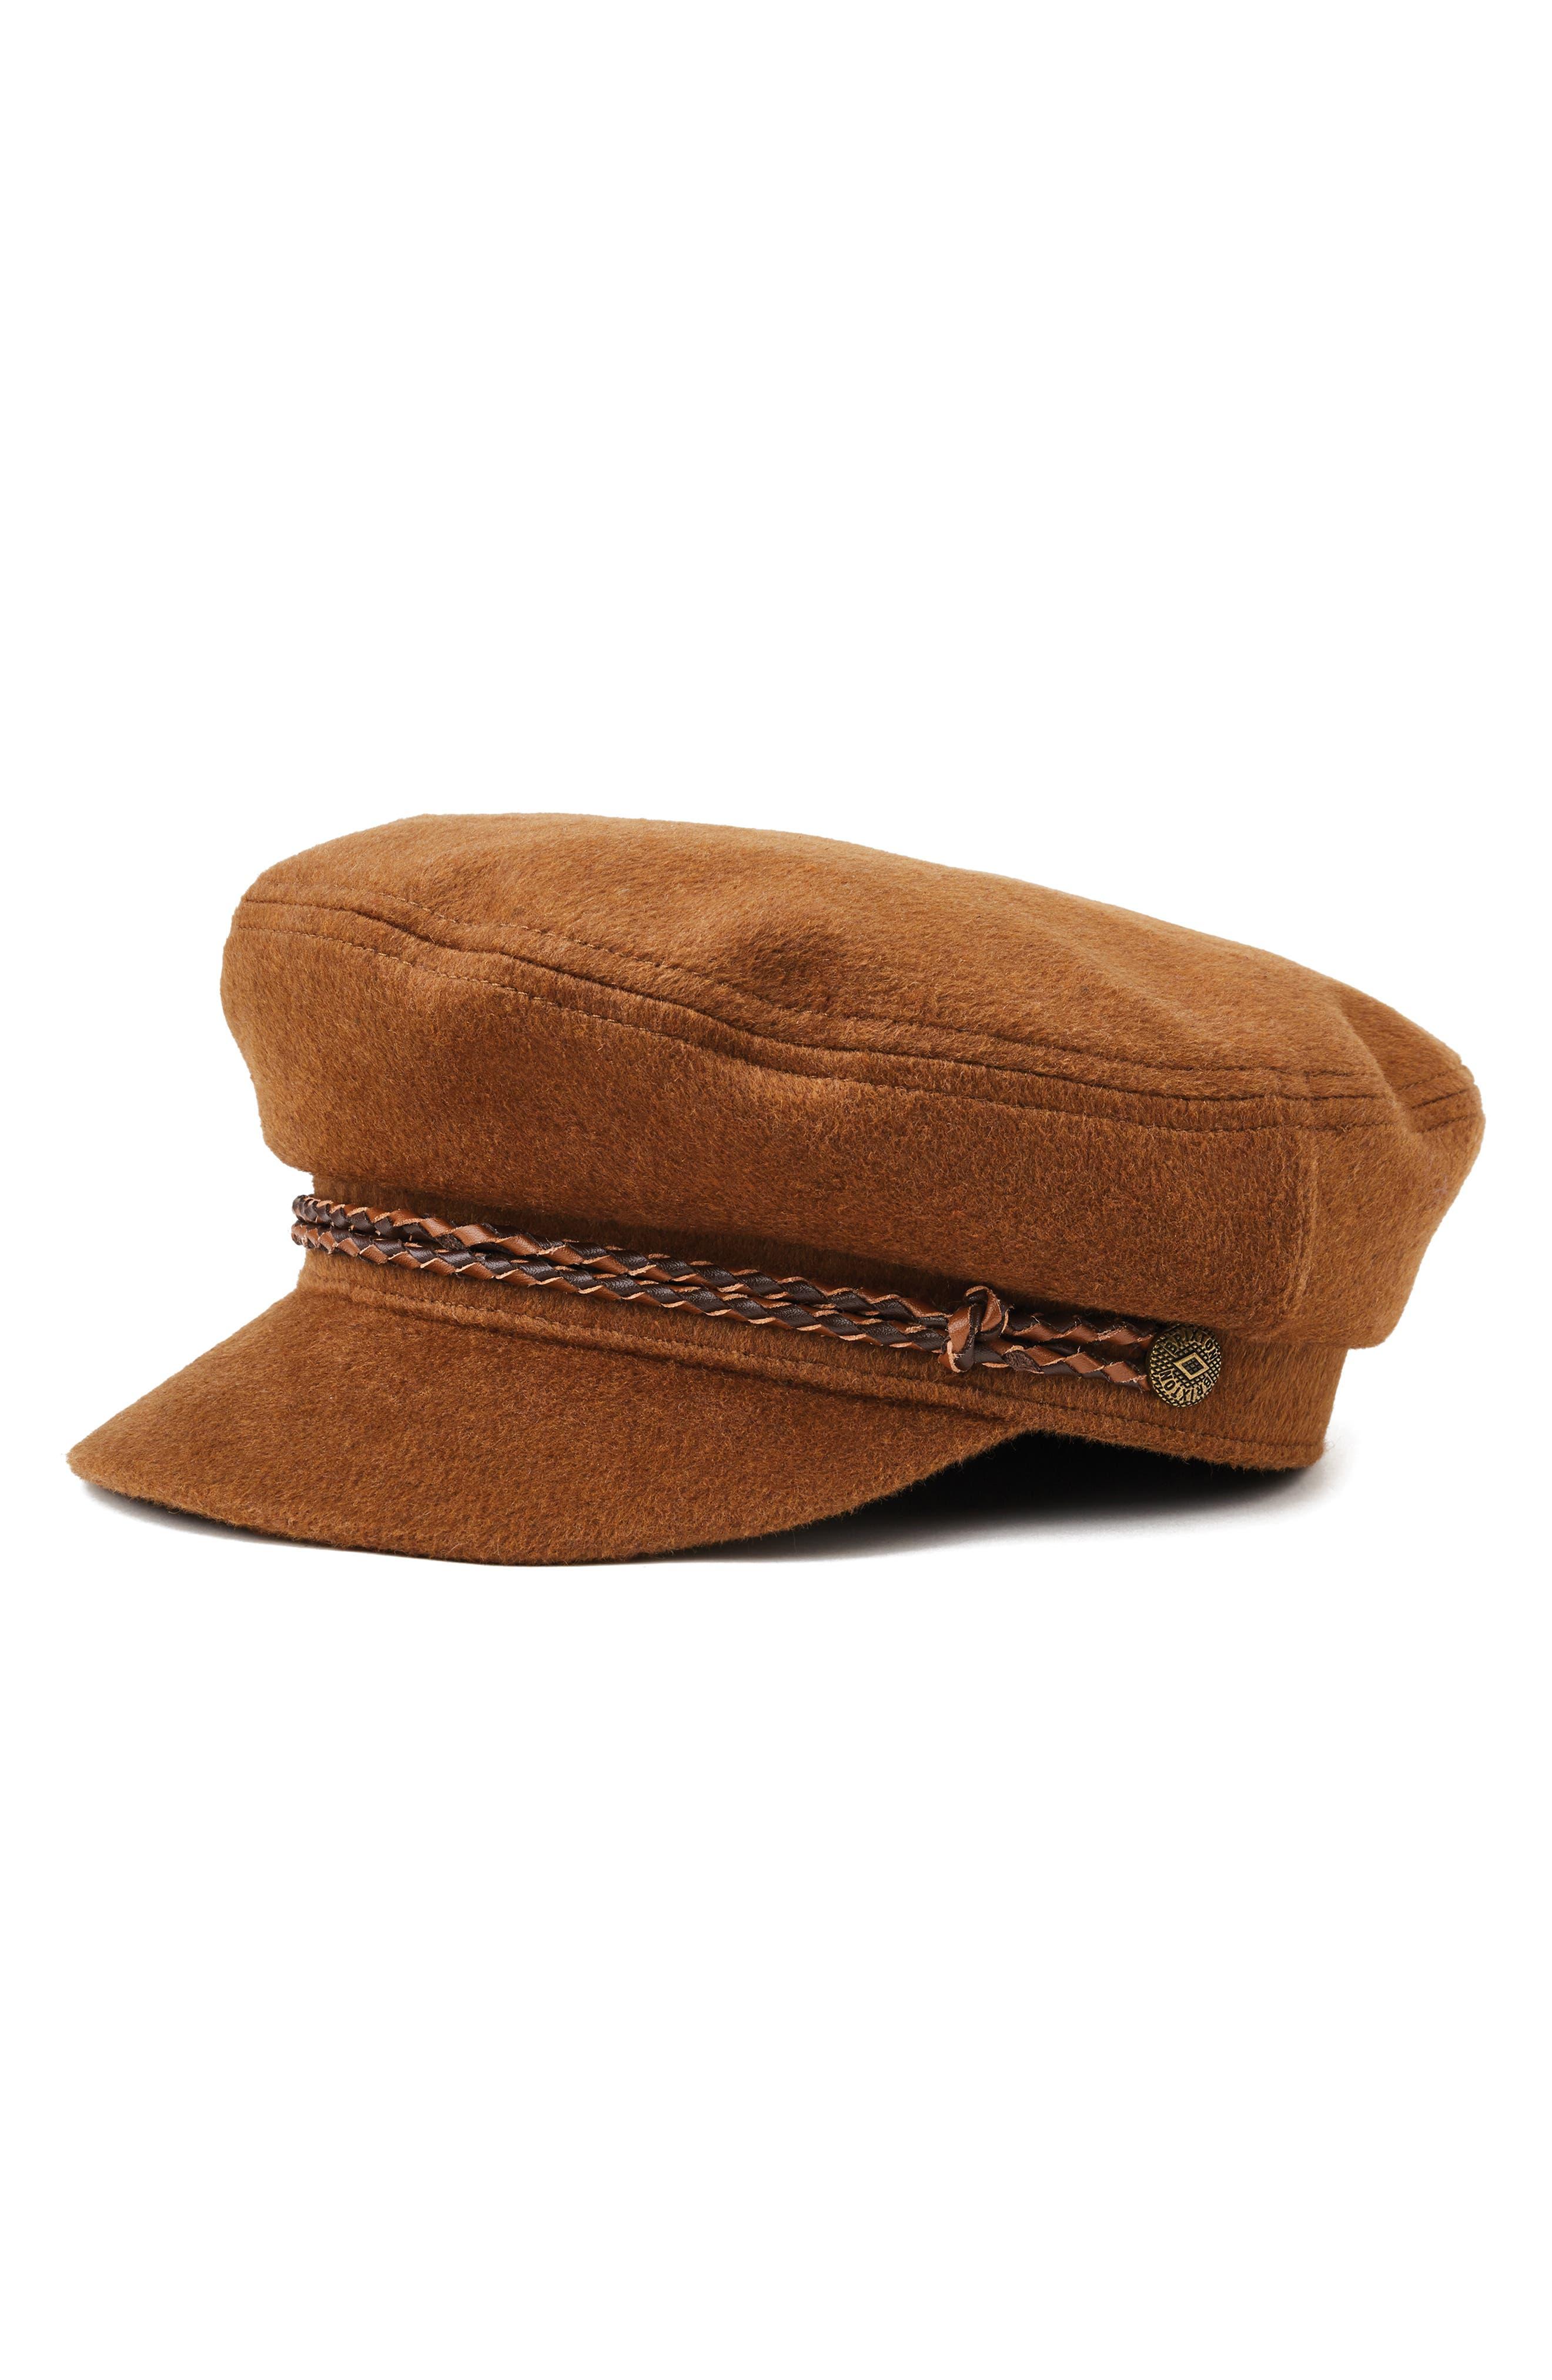 0b80588c8f6b1 Newsboy Hats for Women